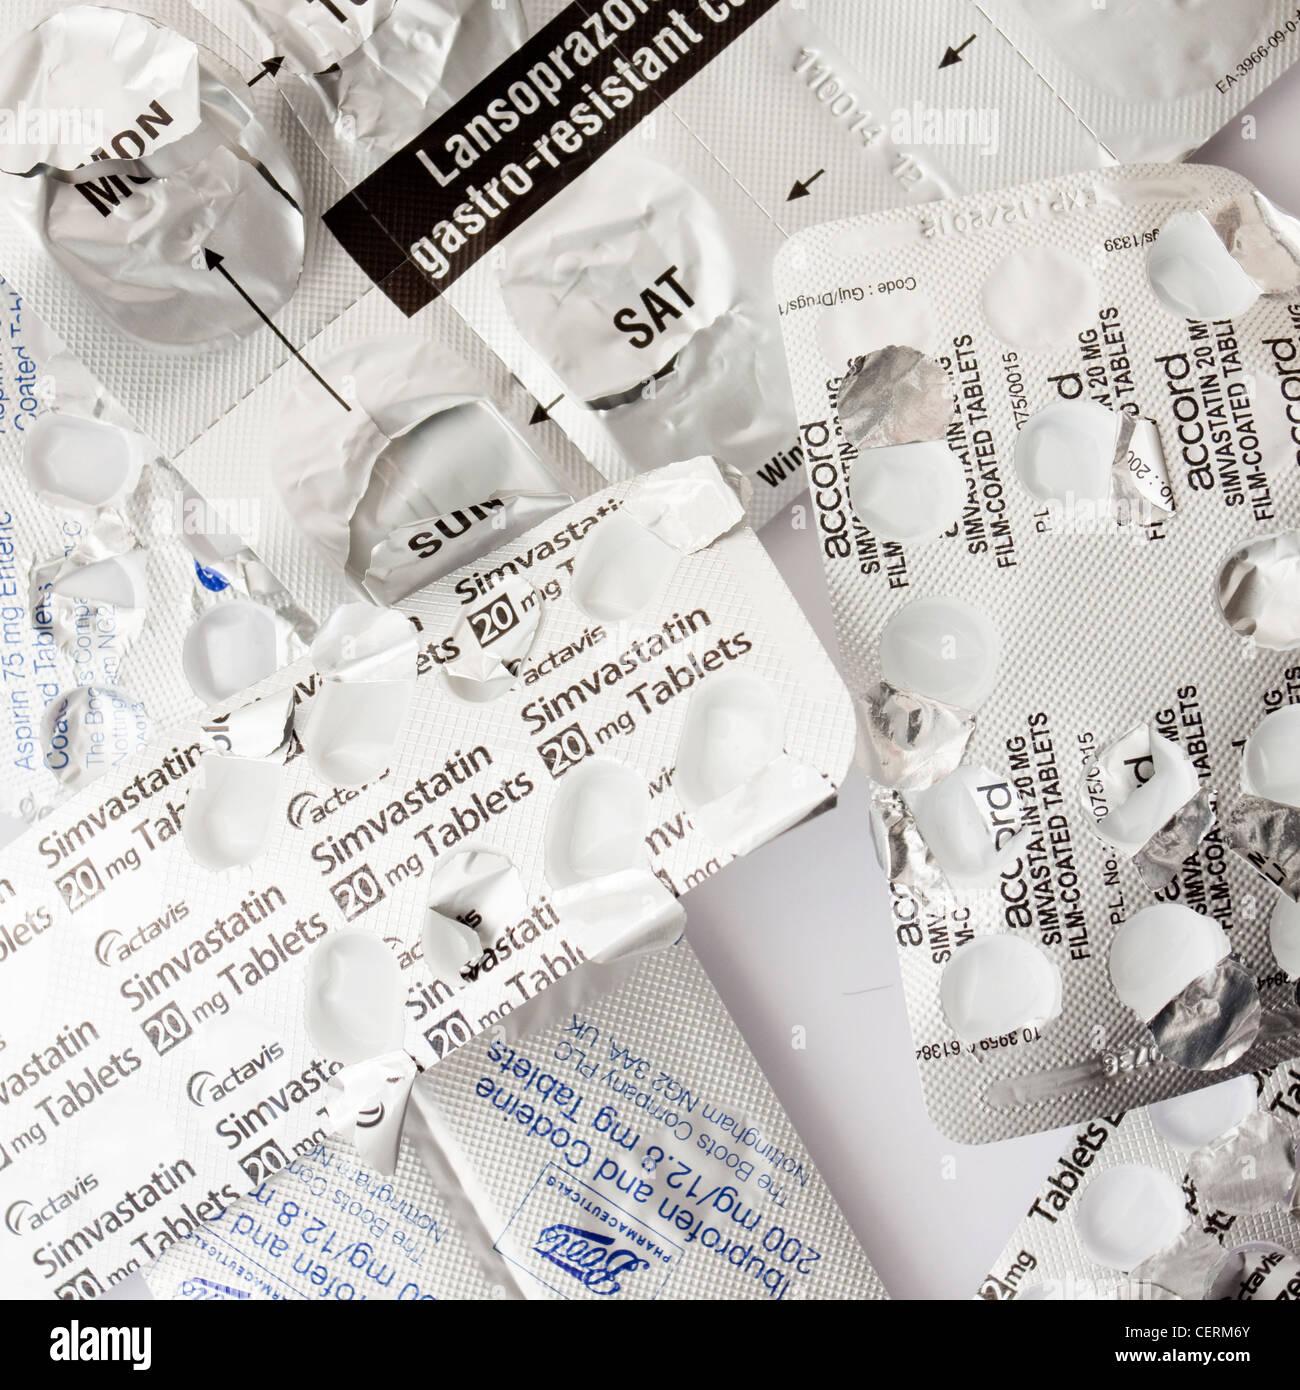 Used Drugs Medicines Simvastatin Lansoprazole - Stock Image